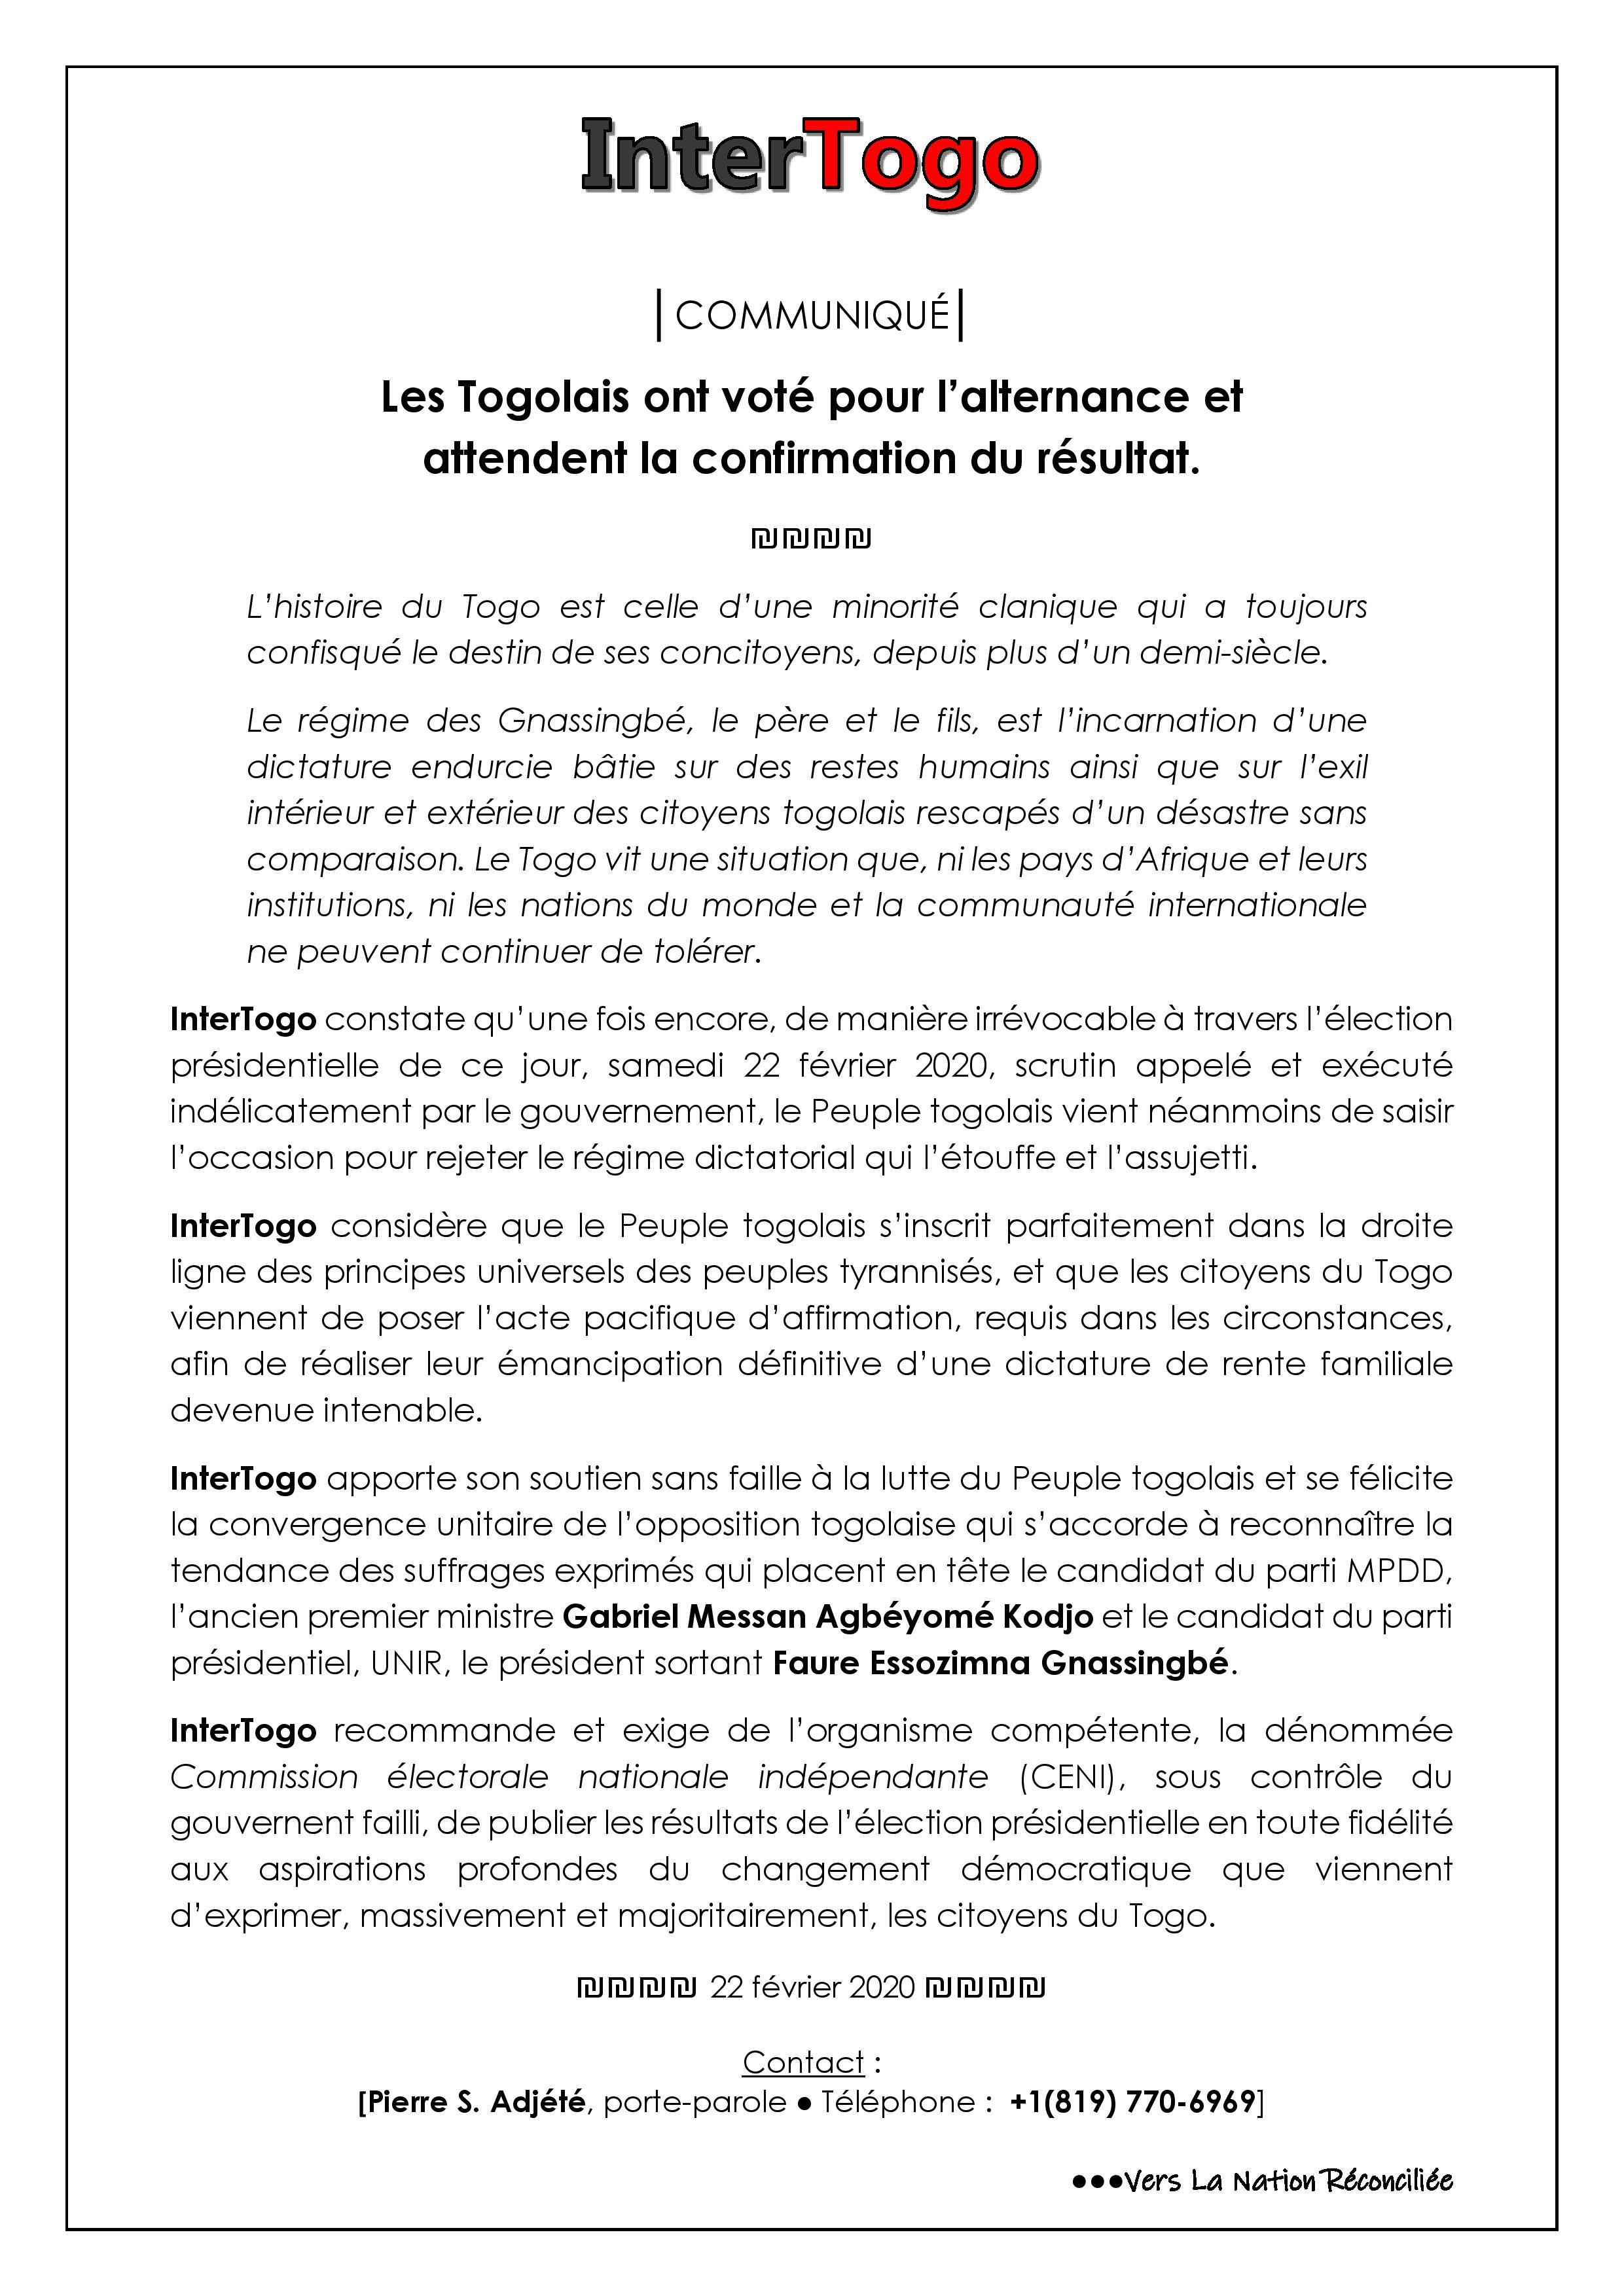 Les Togolais ont voté pour l'alternance et attendent la confirmation du résultat.